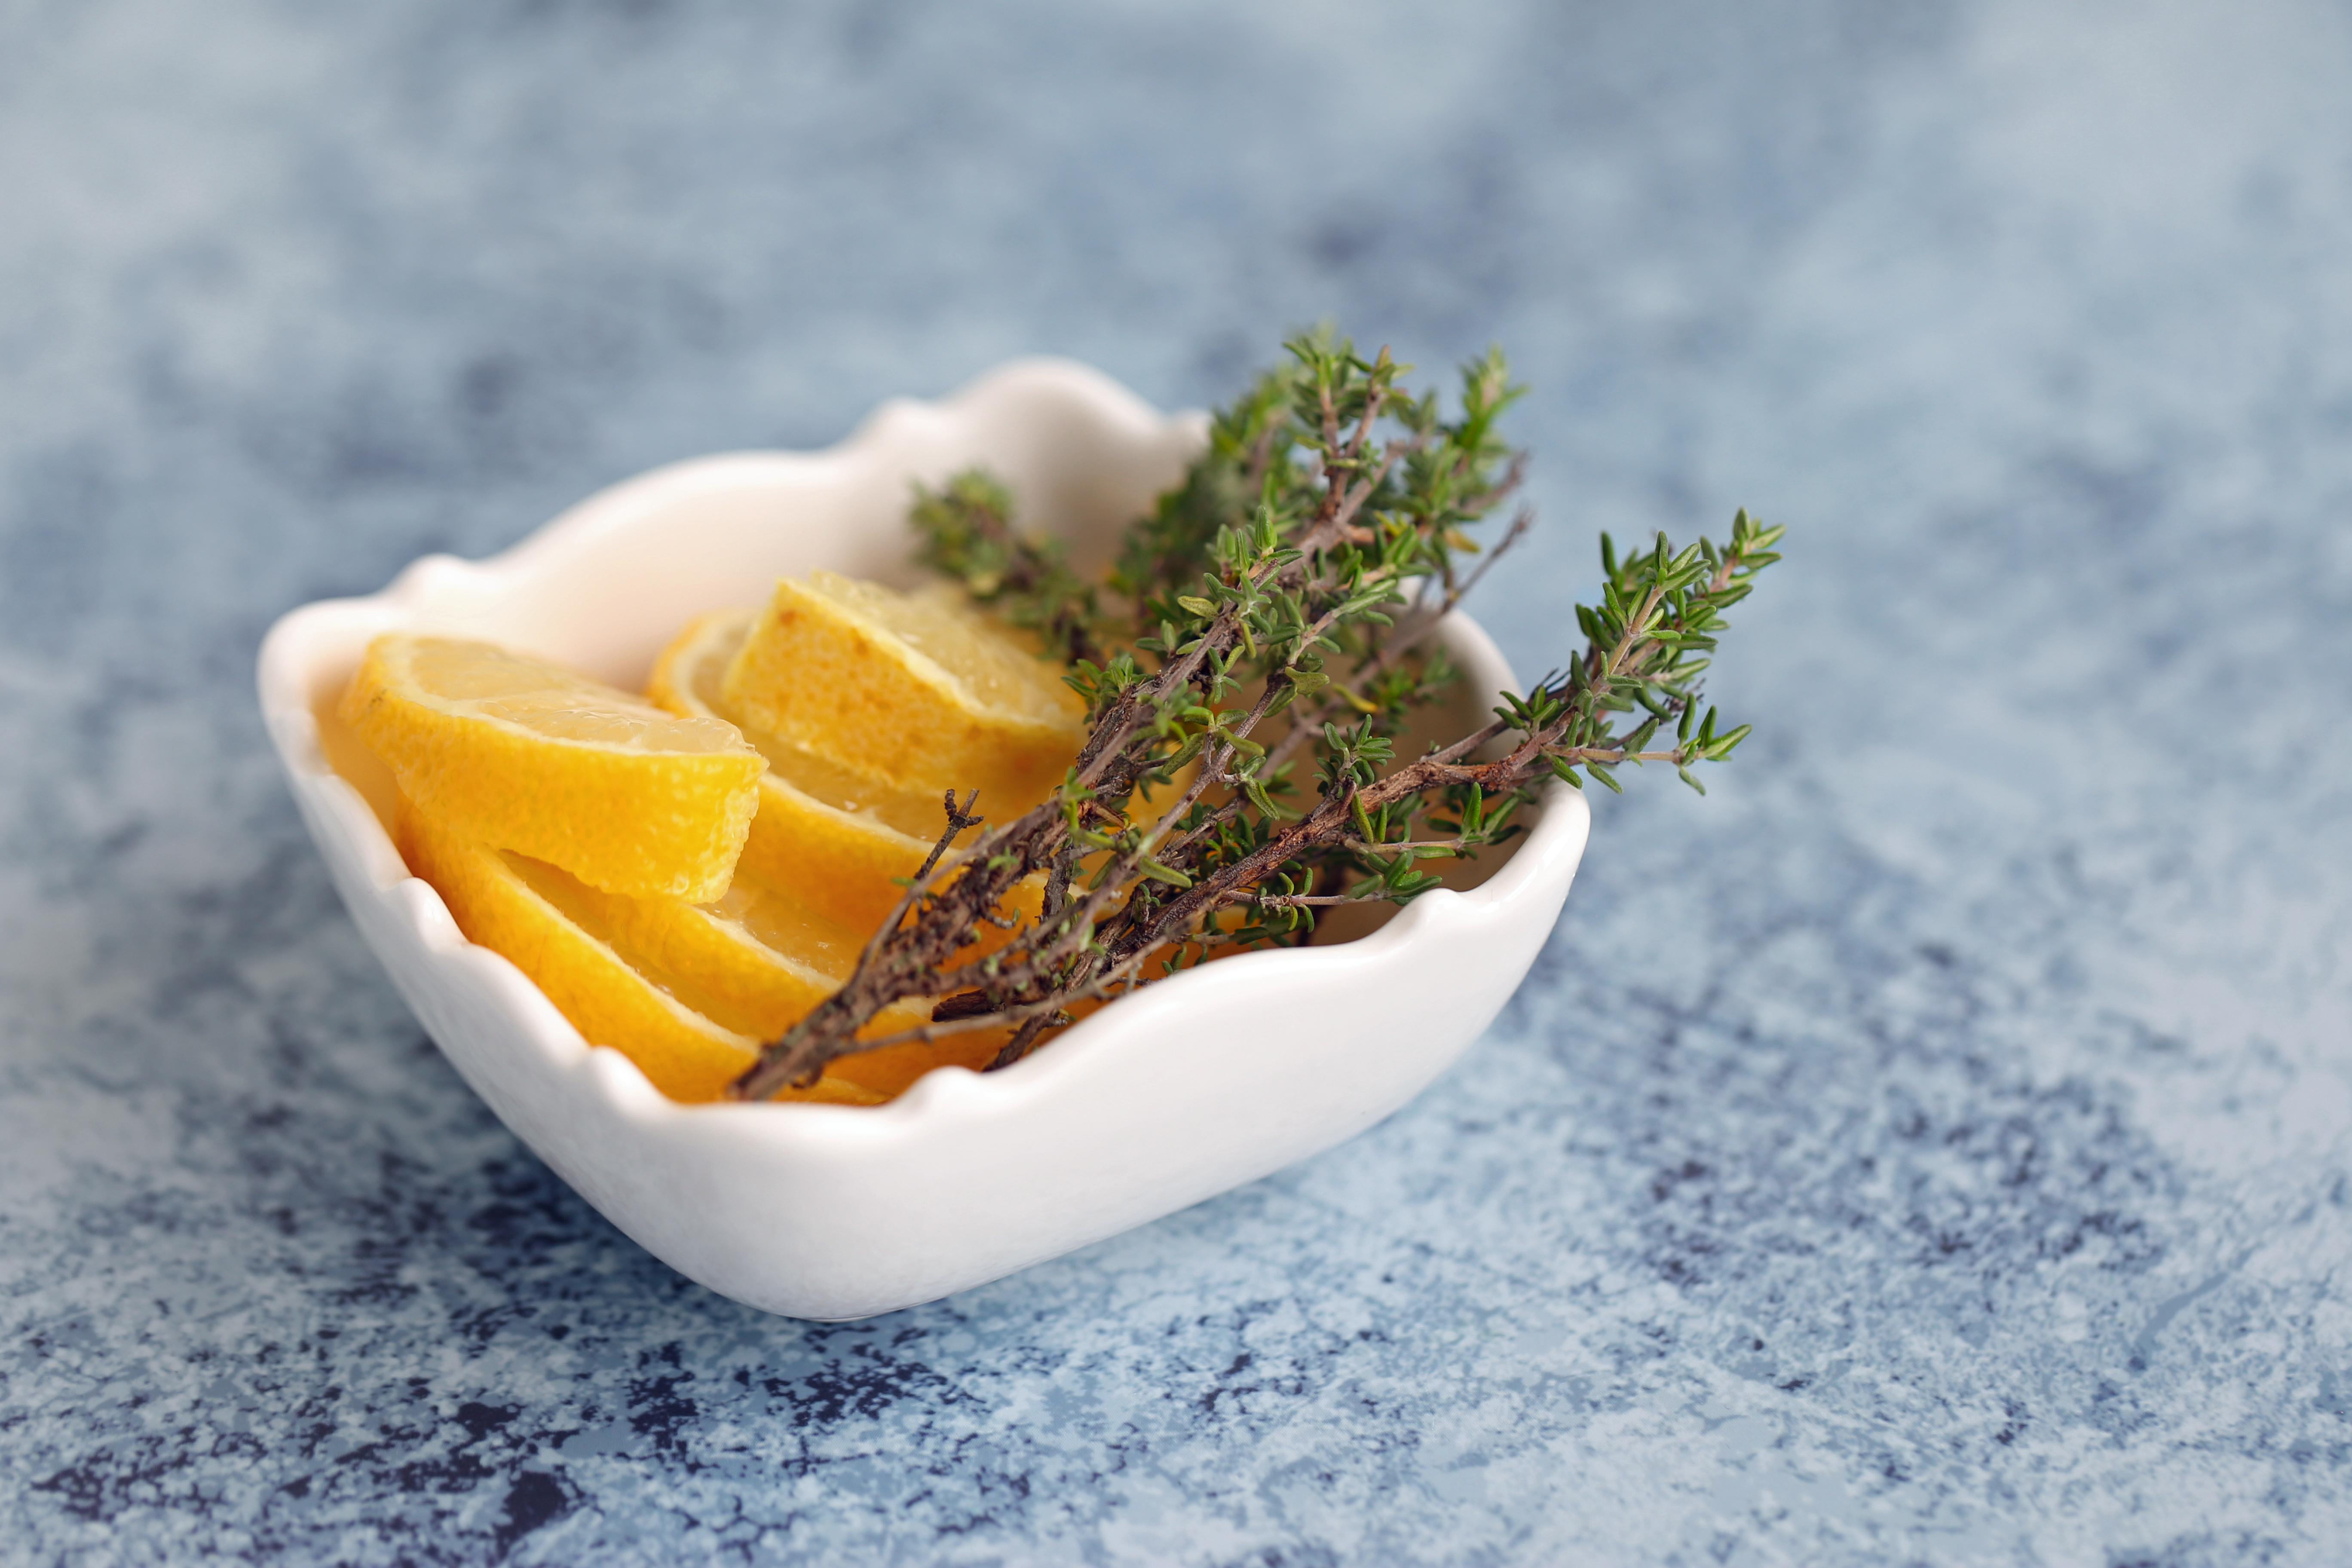 Filets de sandre - choucroute à la crème et aux chanterelles - Delimoon.com